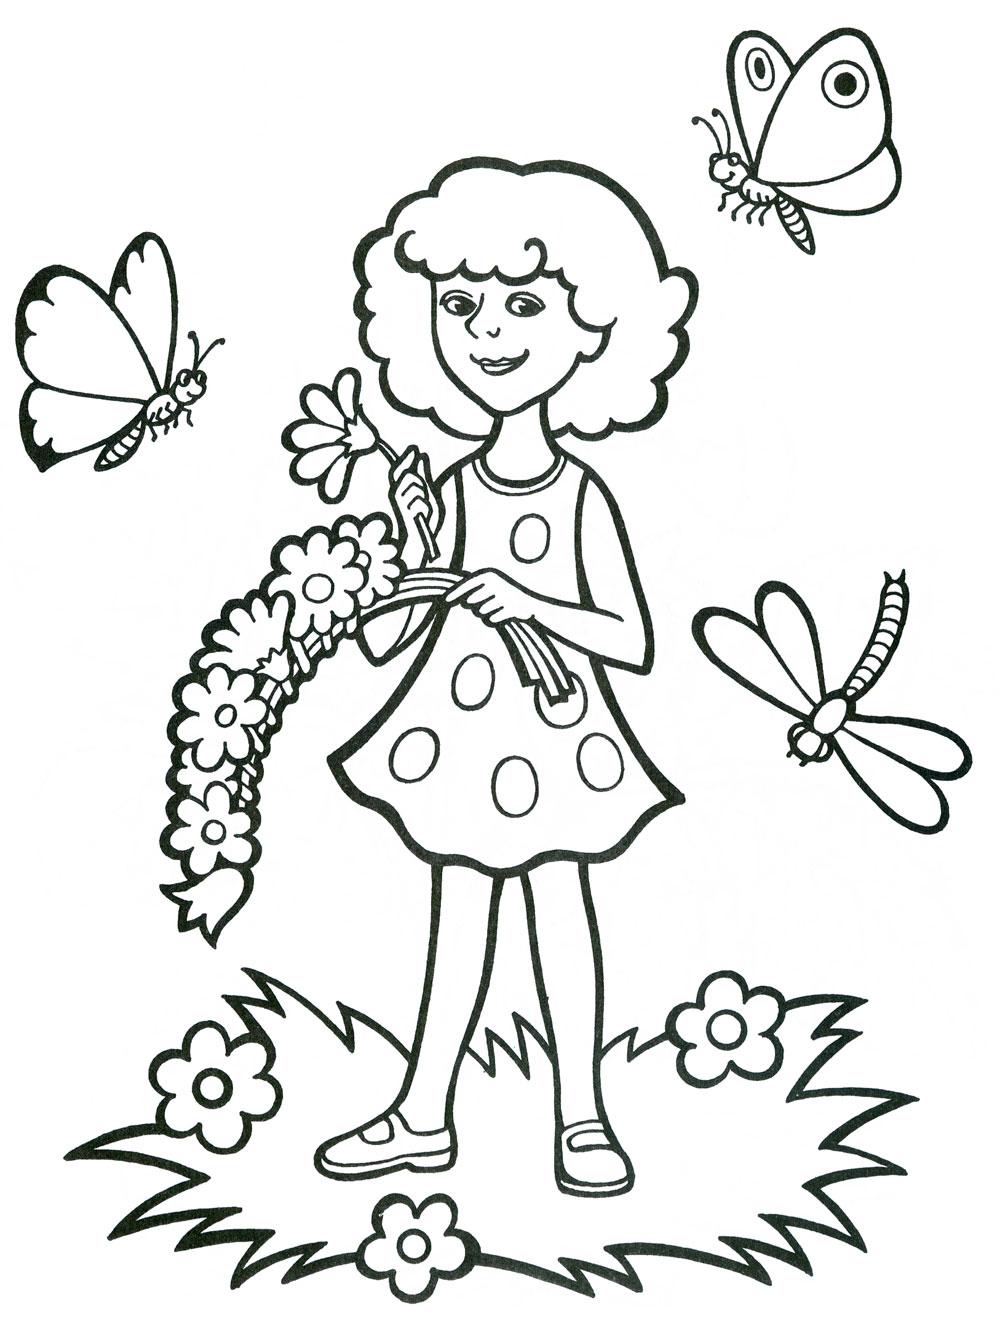 Раскраски для детей. Времена года